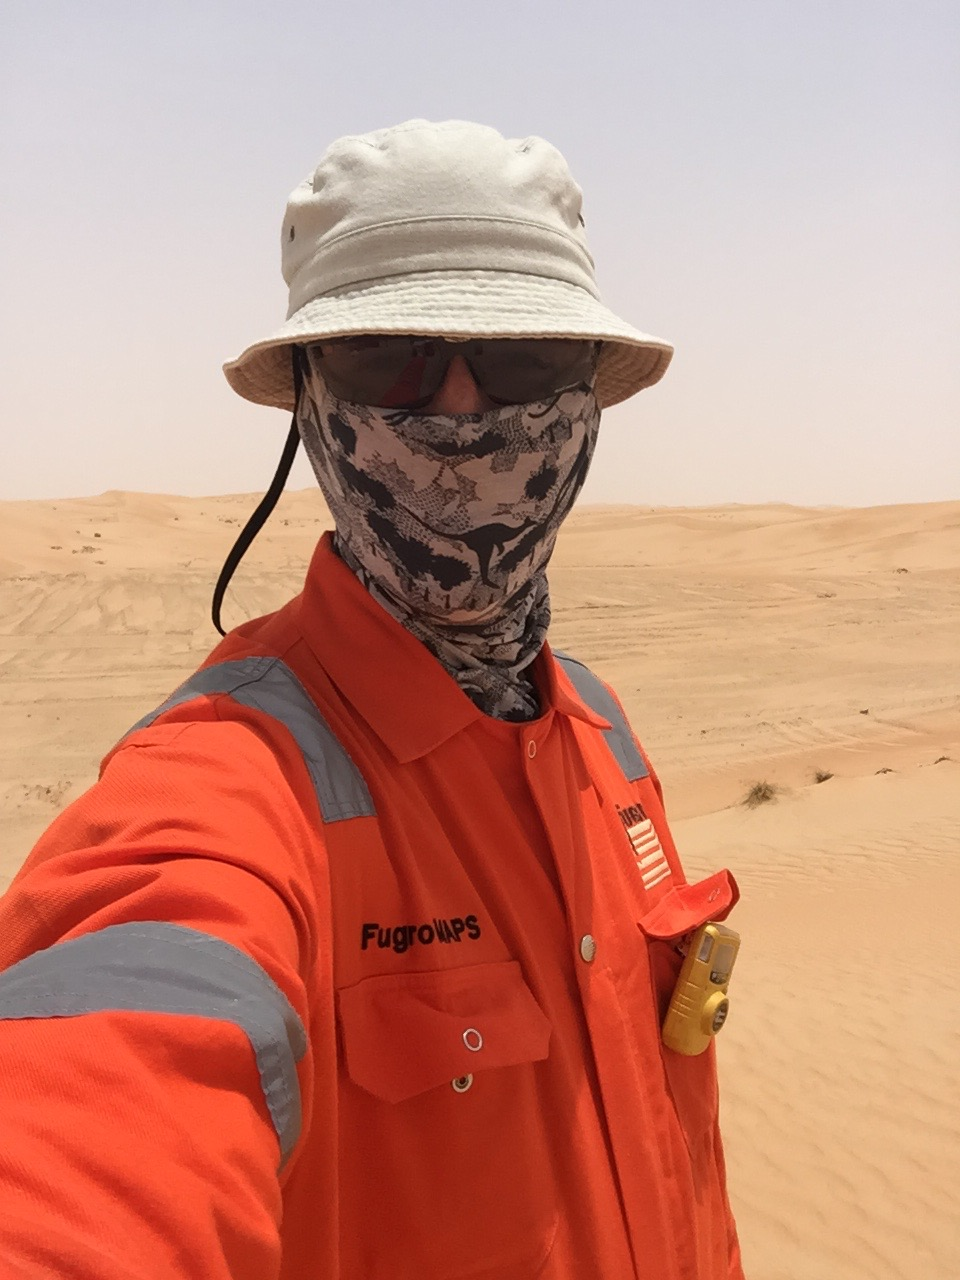 Vermessung-Abu-Dabi-Wüste-Referenz-1050